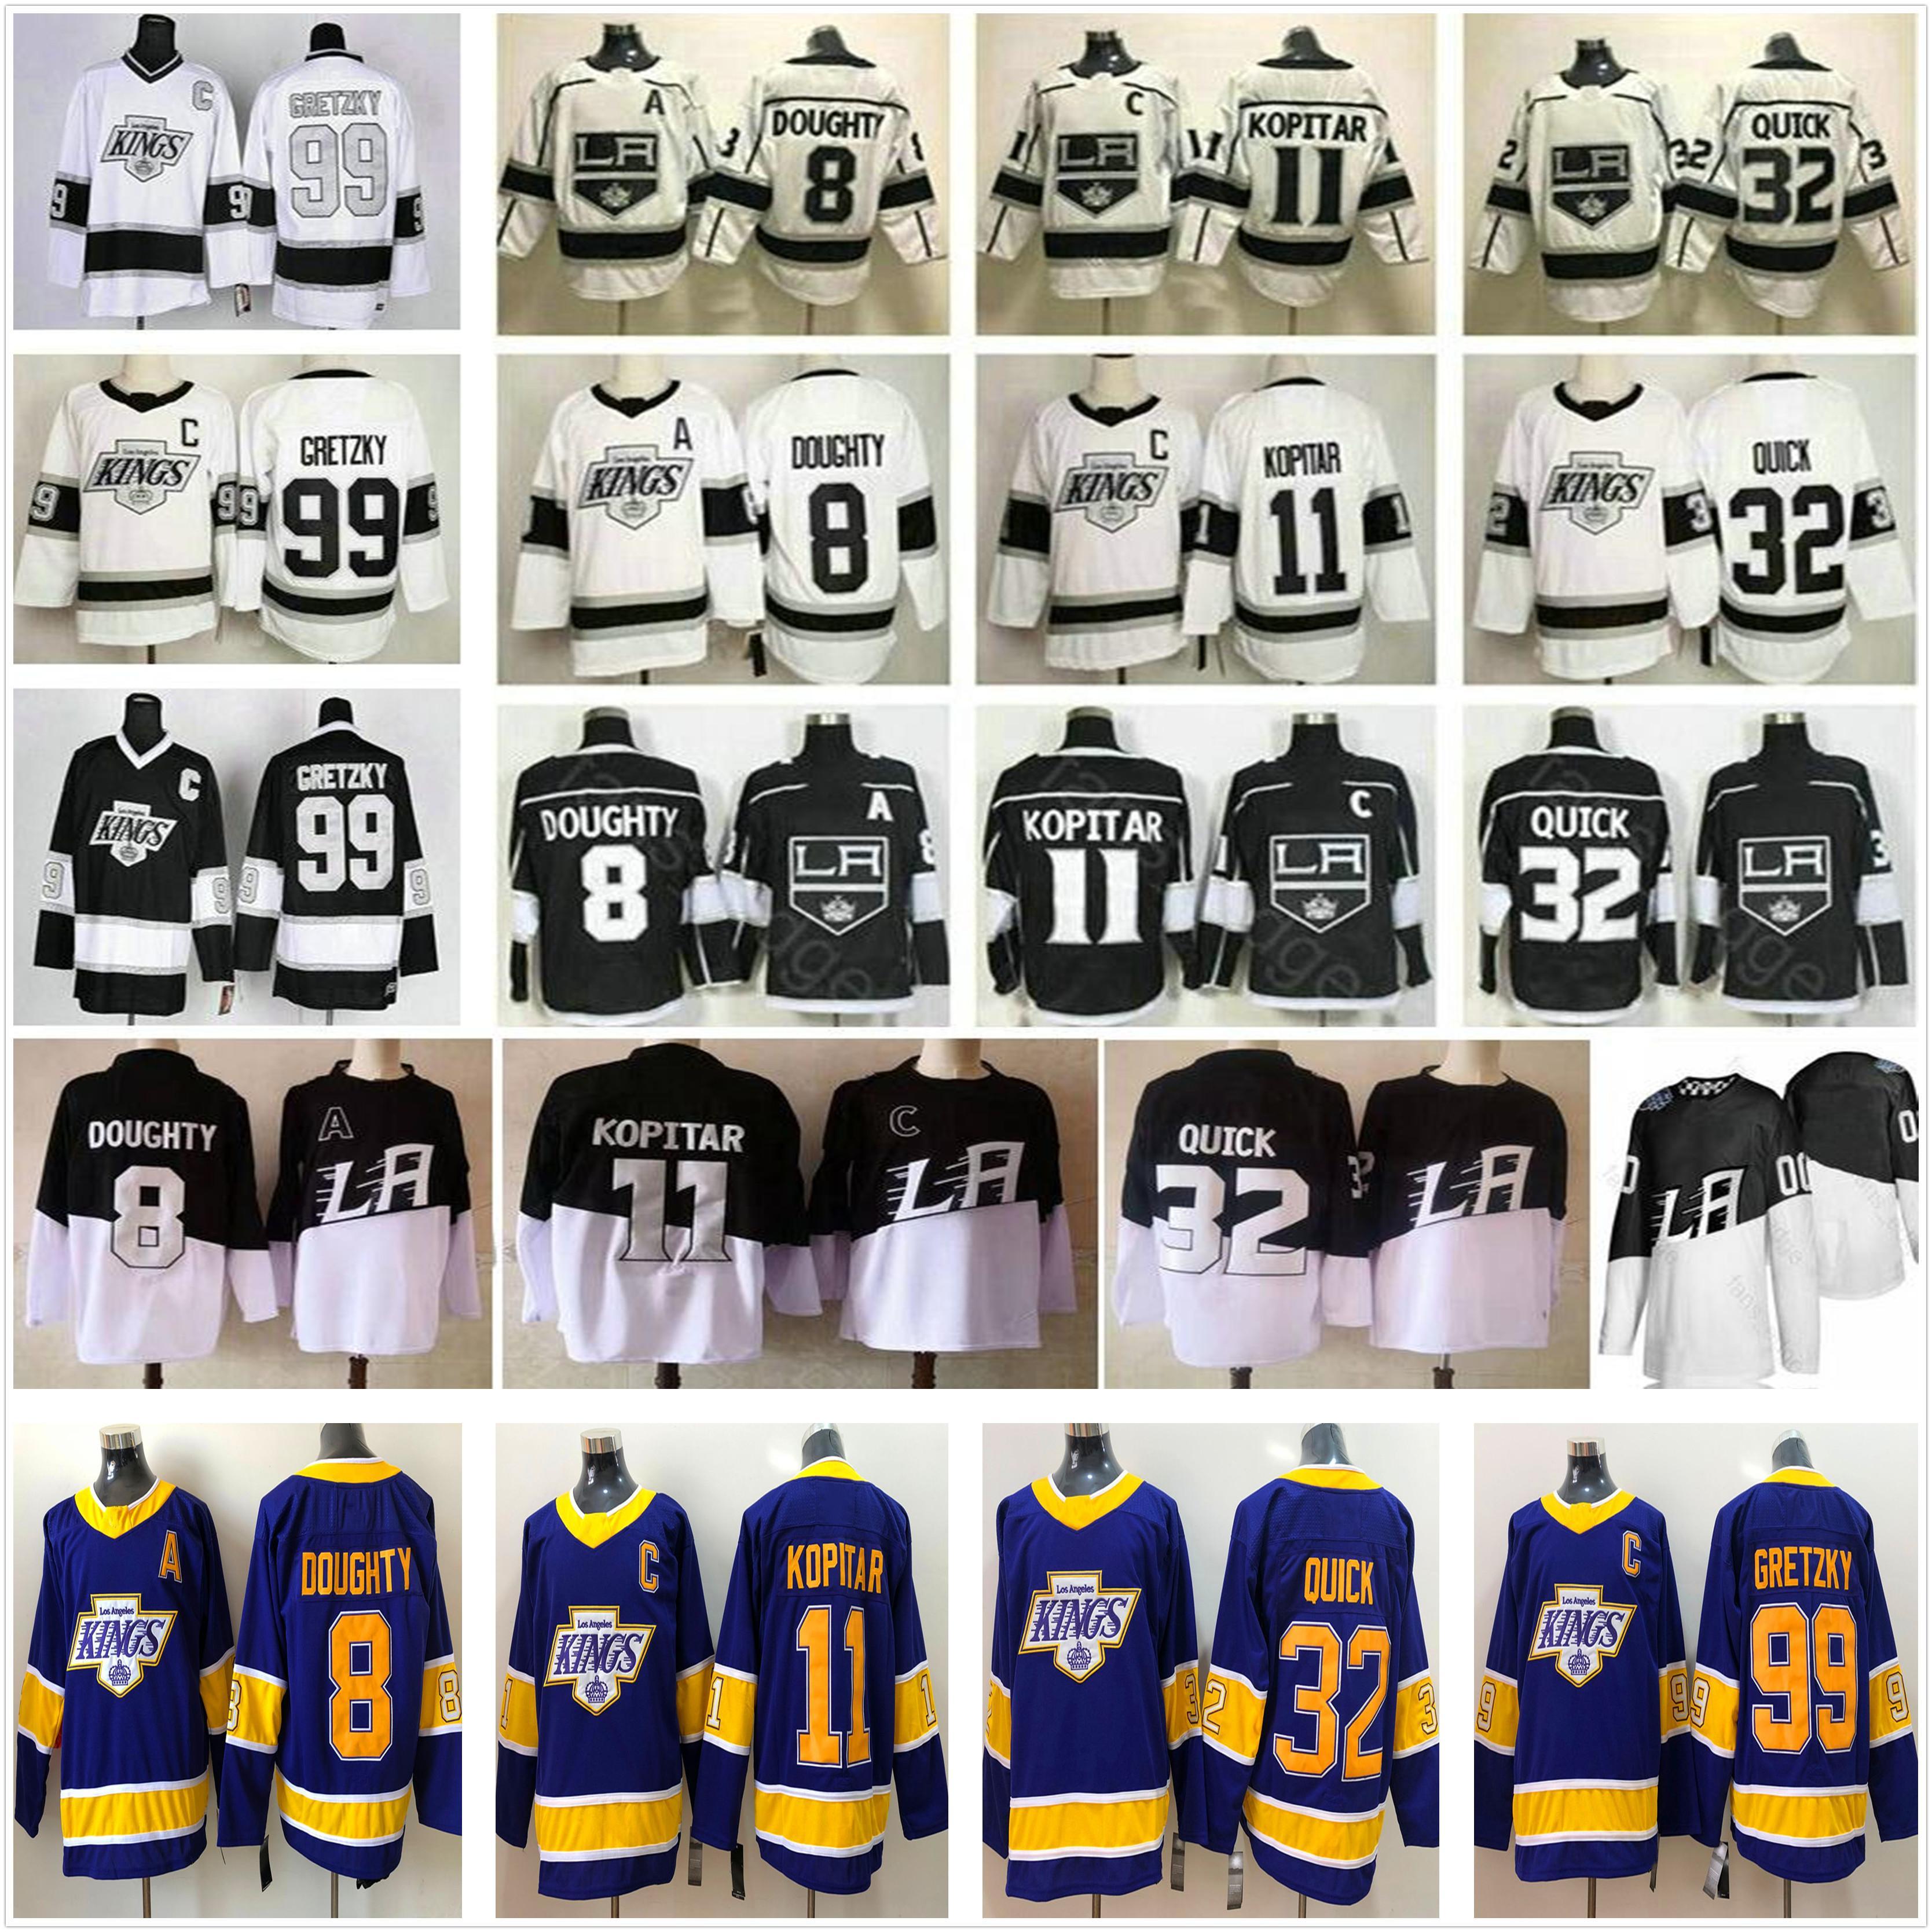 2021 عكس الرجعية لوس أنجلوس الملوك الهوكي الفانيلة 8 درو دوغتي 11 آنزي كوبيتار 32 جوناثان Quick 99 Wayne Gretzky Men Woman Kids Stadium سلسلة قميص